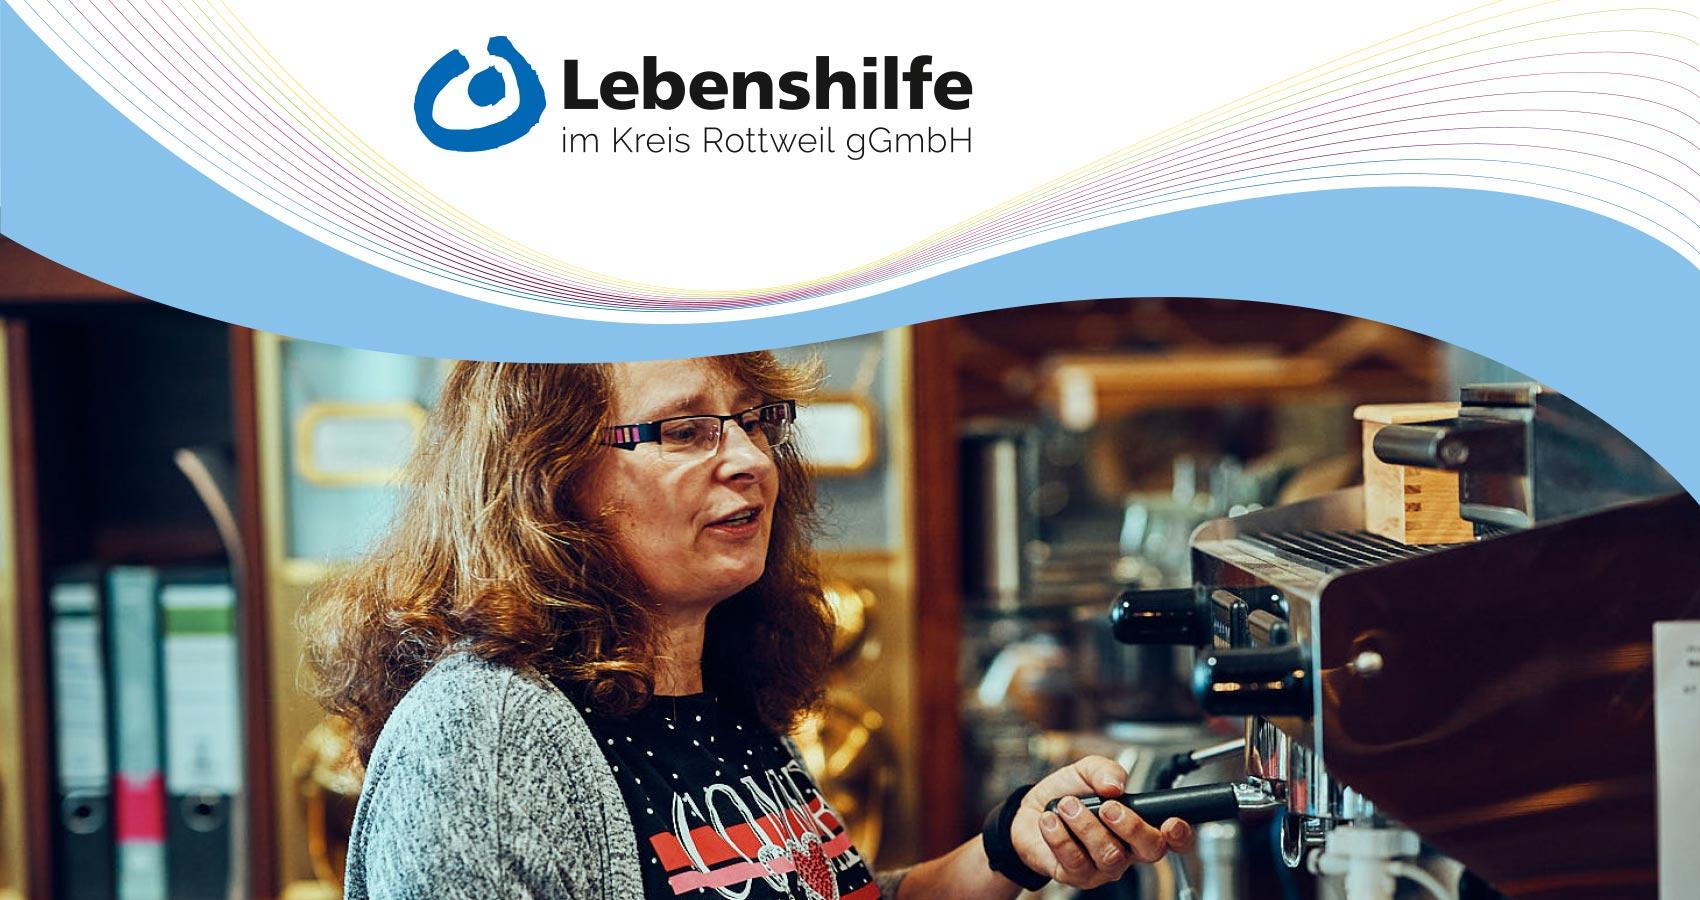 Lebenshilfe im Kreis Rottweil gGmbH - Arbeitsbereich Gastronomie